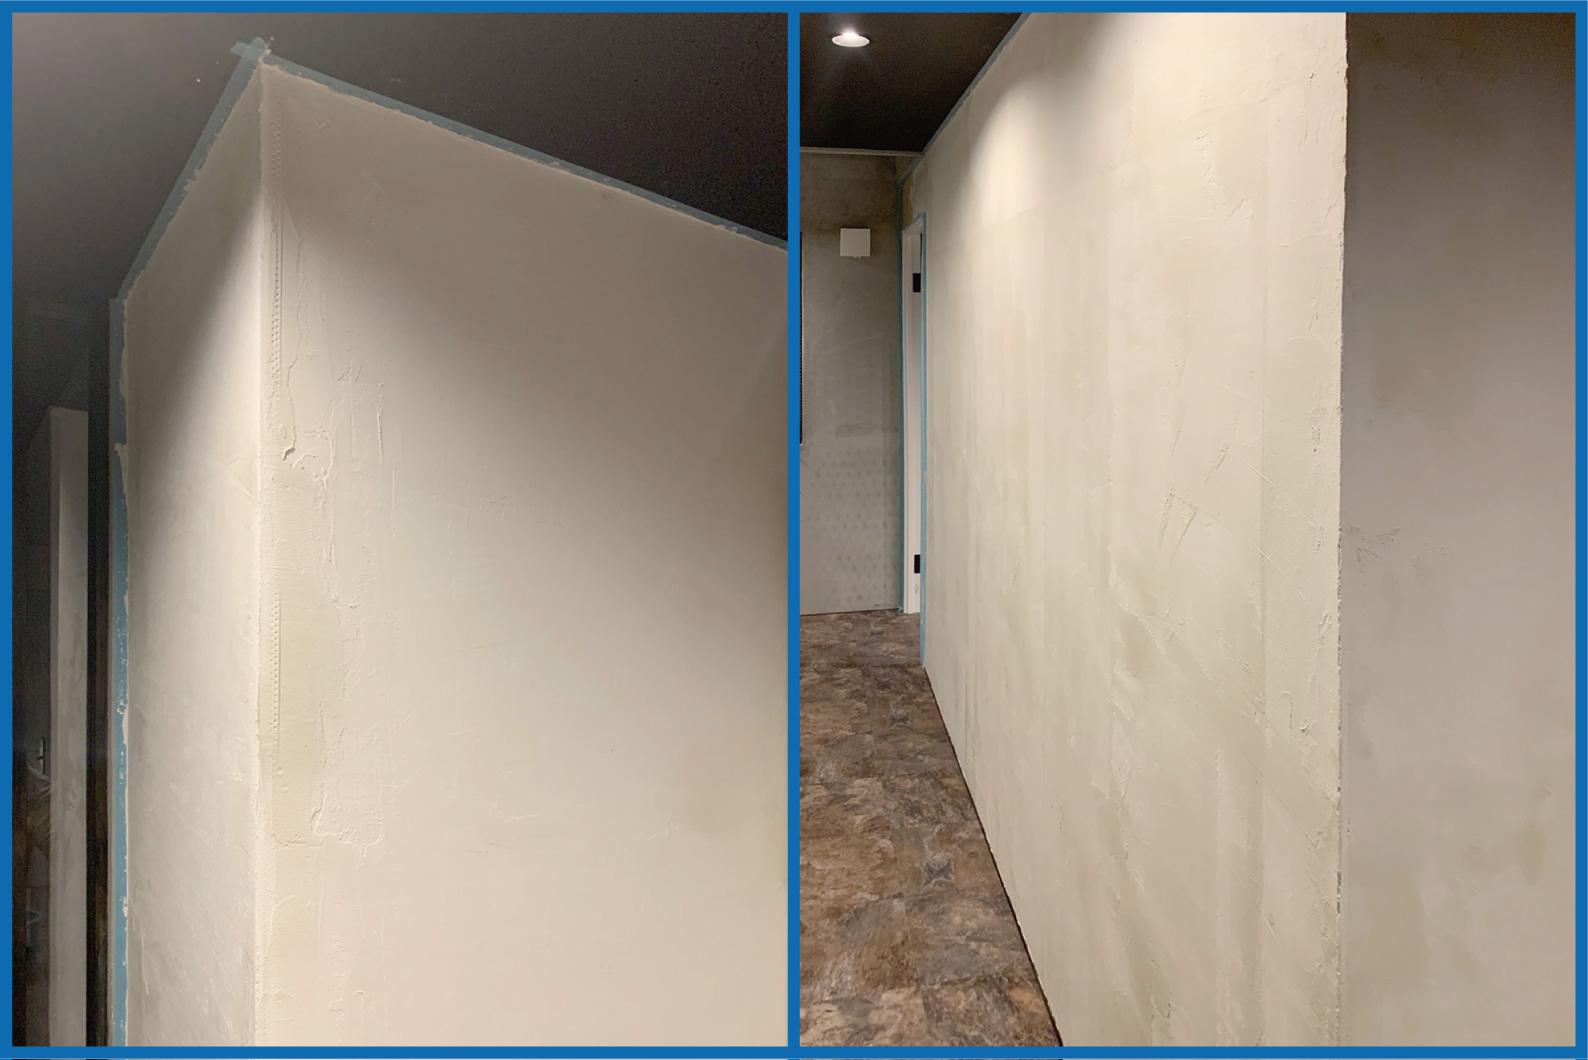 殺菌効果あり!漆喰壁の施工方法:手順3/3